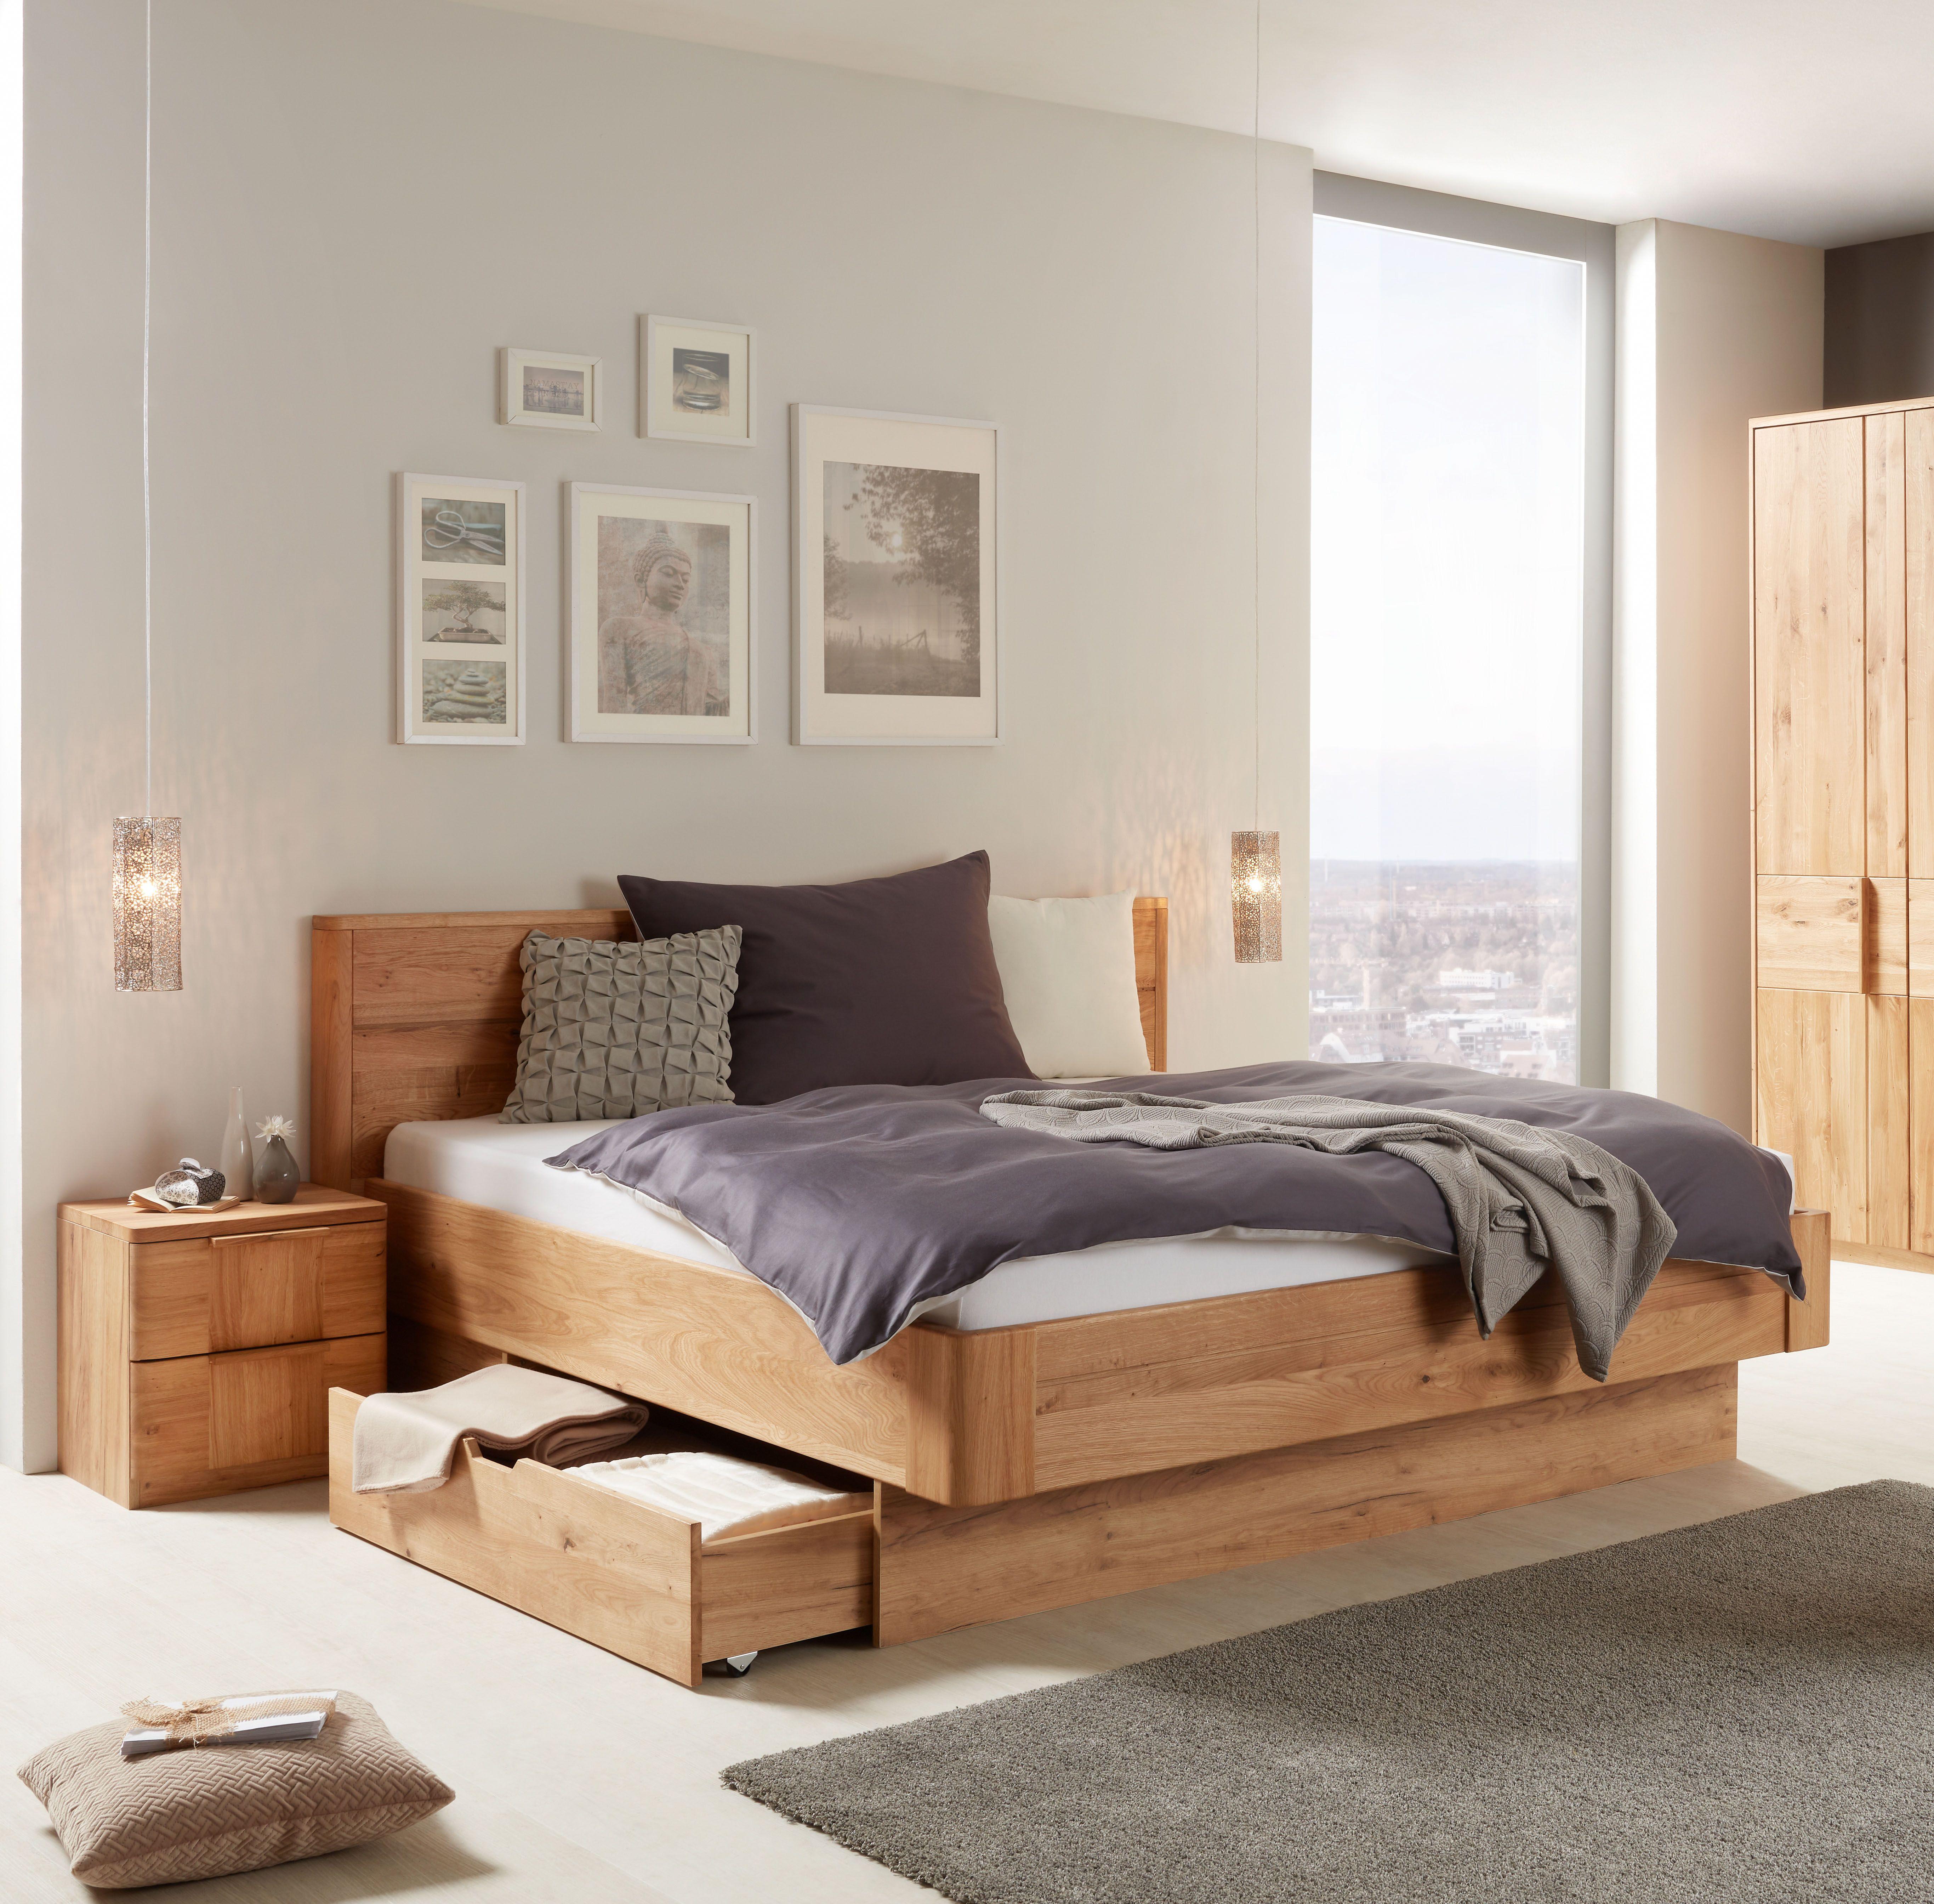 Bett In Eichefarben Ca 160x200cm Online Kaufen Mömax Schlafzimmer Set Schlafzimmer Einrichten Haus Deko